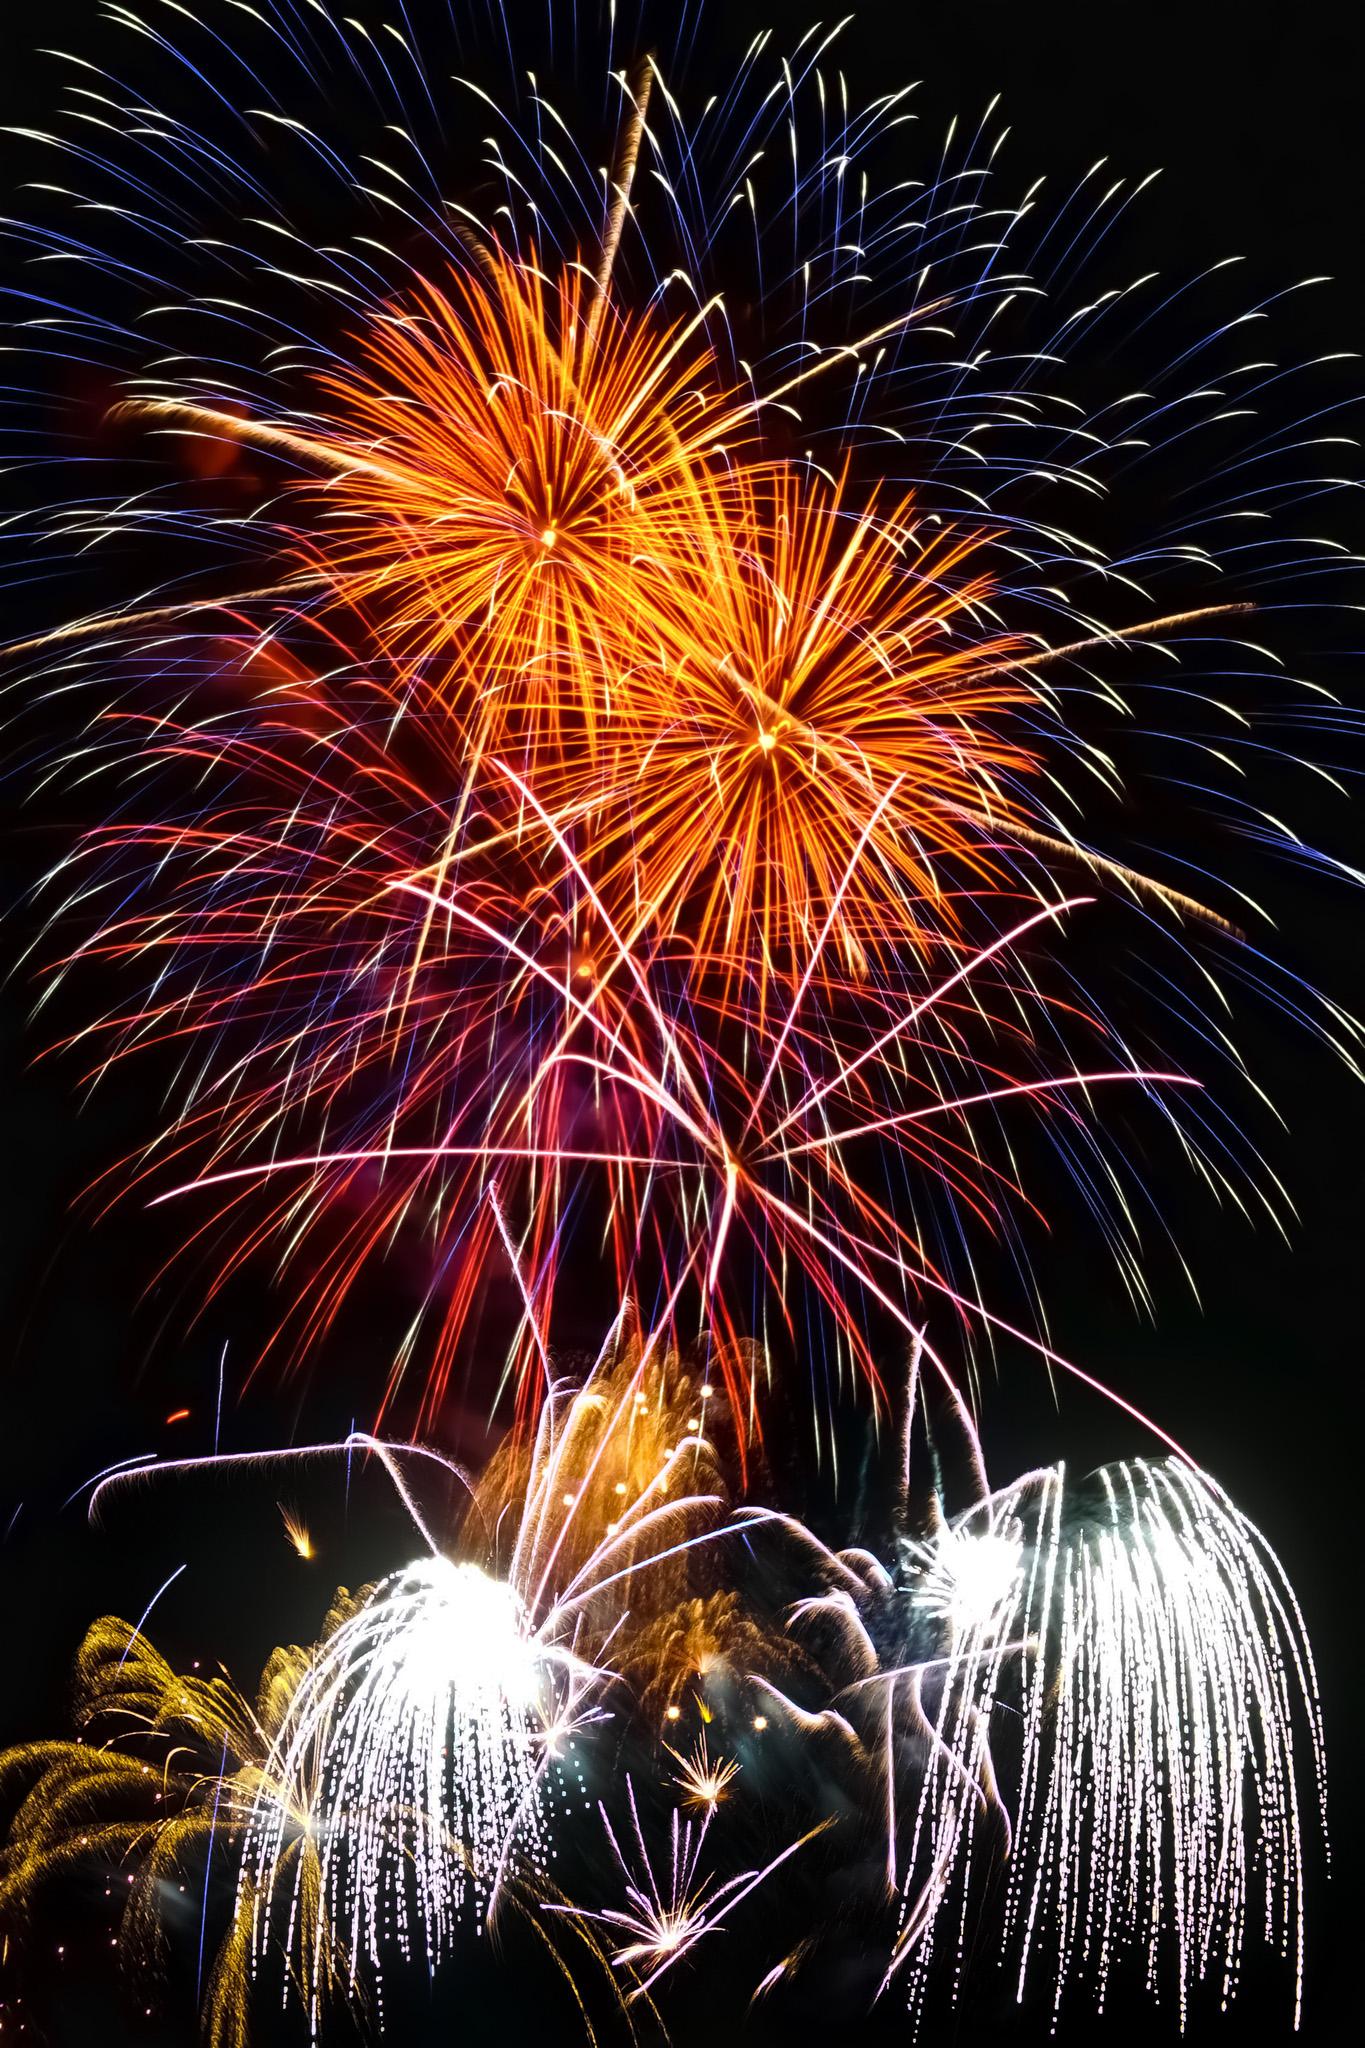 「花火が描く夜の背景」の画像を無料ダウンロード